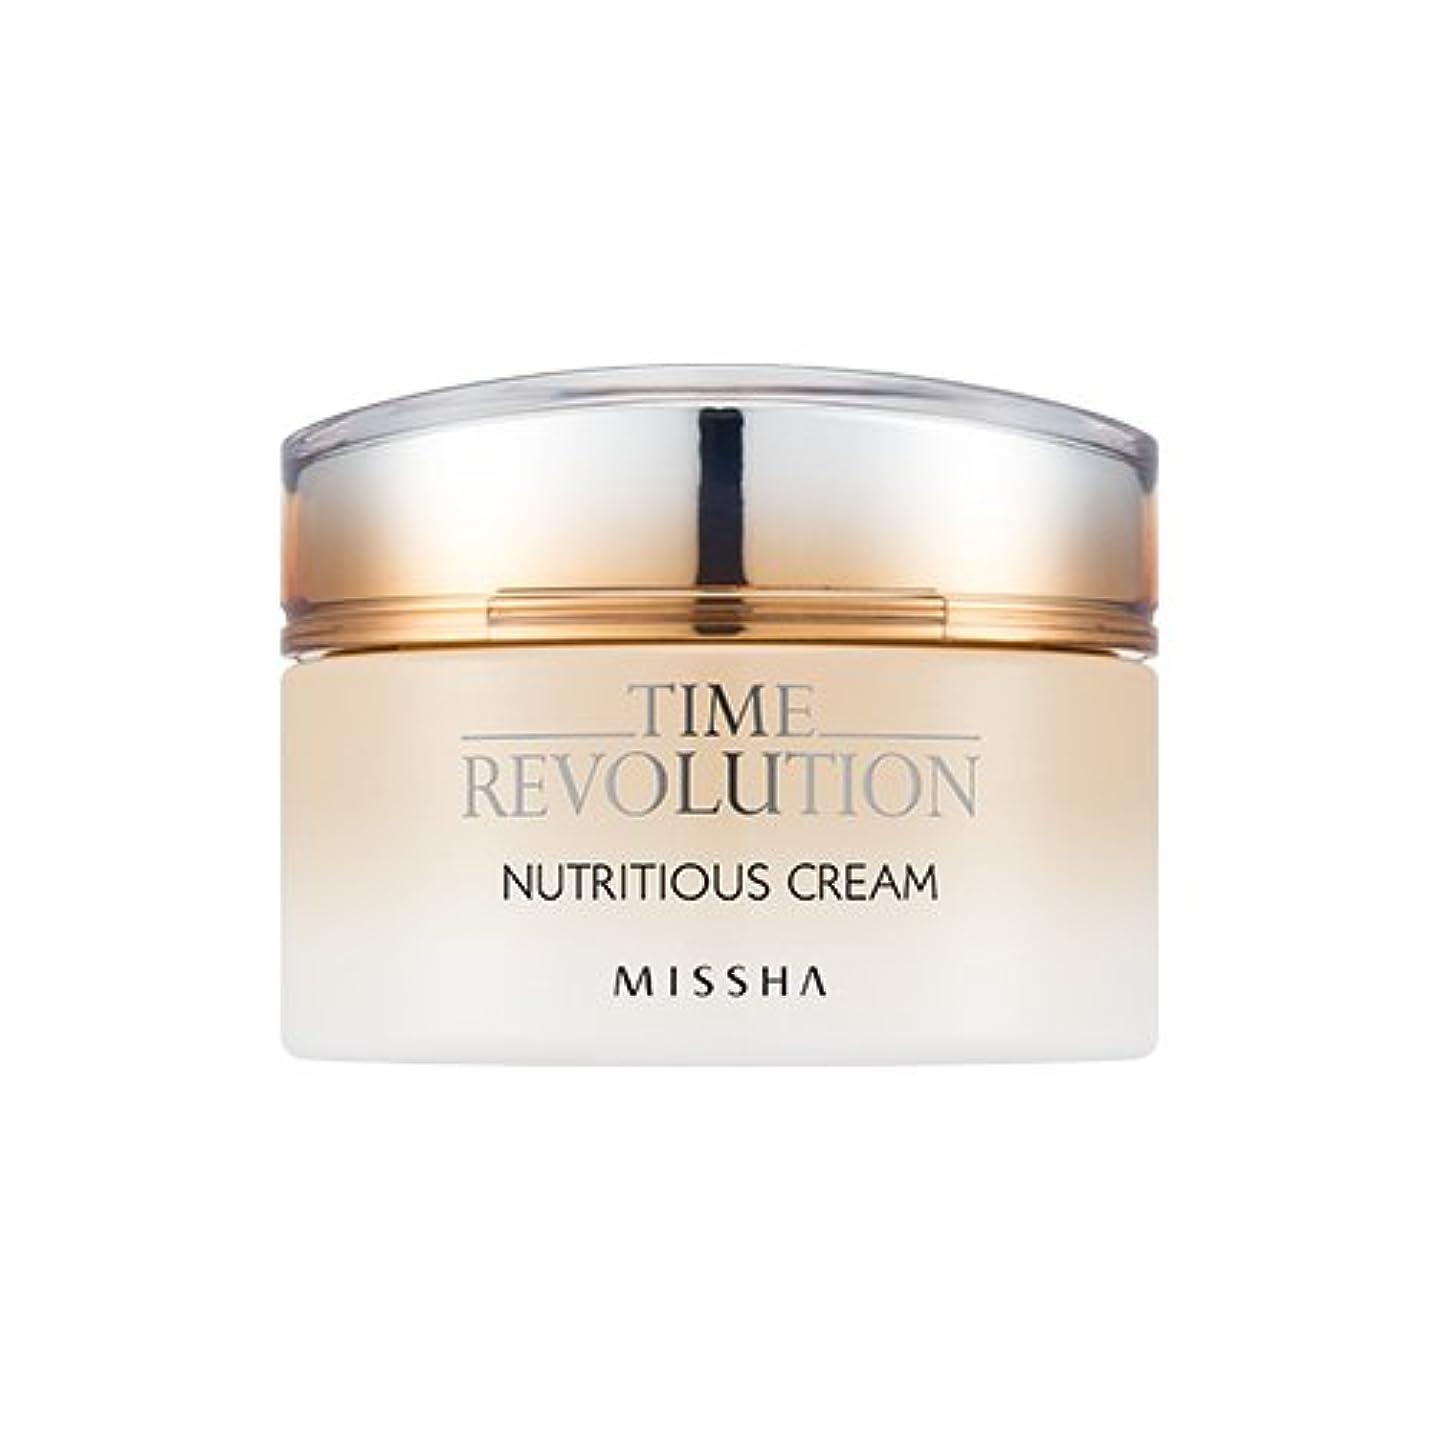 断線特異な象[New] MISSHA Time Revolution Nutritious Cream 50ml/ミシャ タイム レボリューション ニュートリシャス クリーム 50ml [並行輸入品]